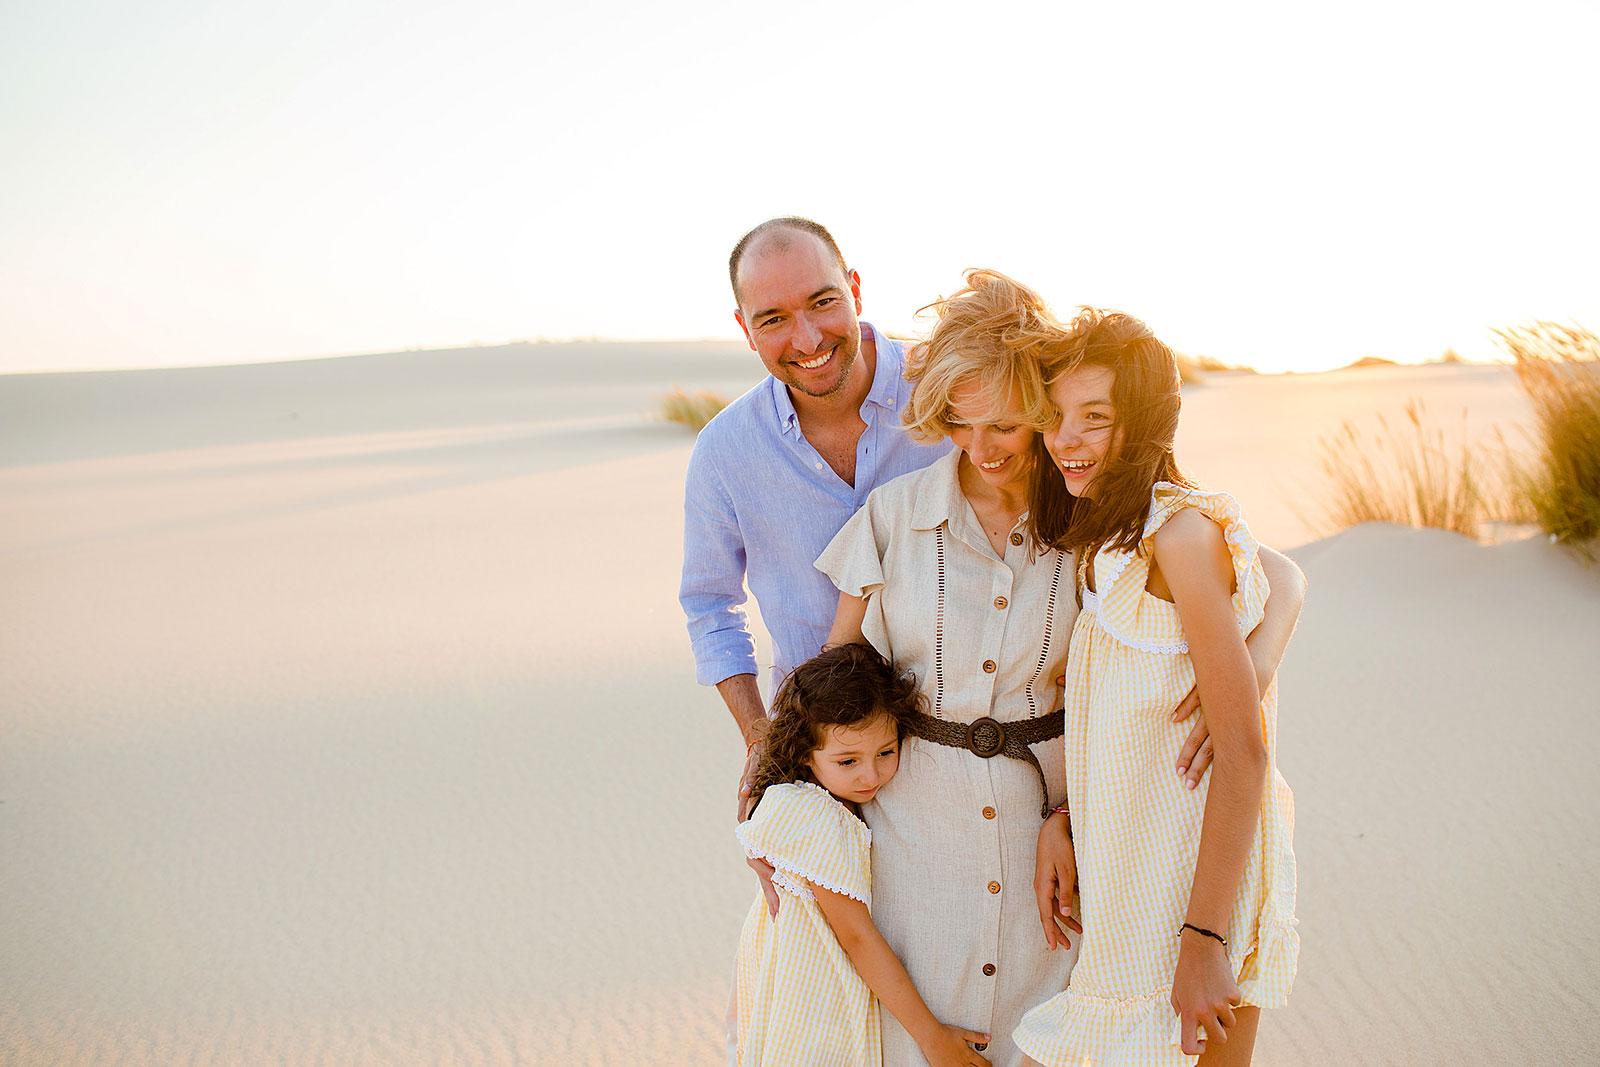 Rita Aleluia com Ernerto e crianças numa praia ao pôr-do-sol